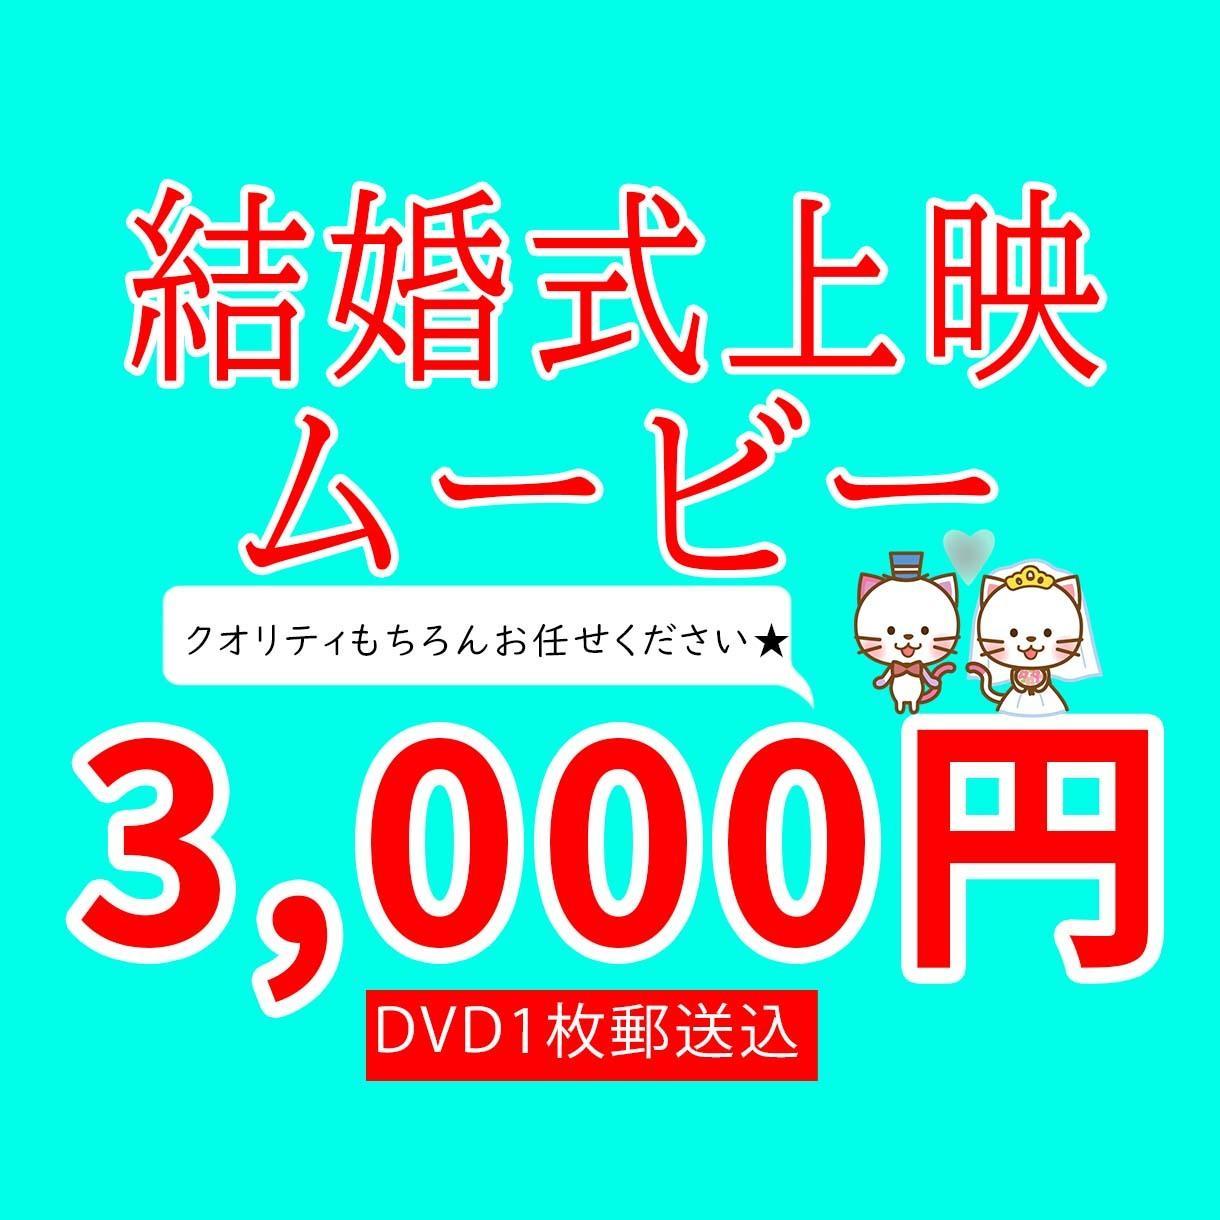 高品質なオリジナル動画、低価格でDVD納品します DVD1枚付き!3組限定、5月末までのお試し価格です! イメージ1